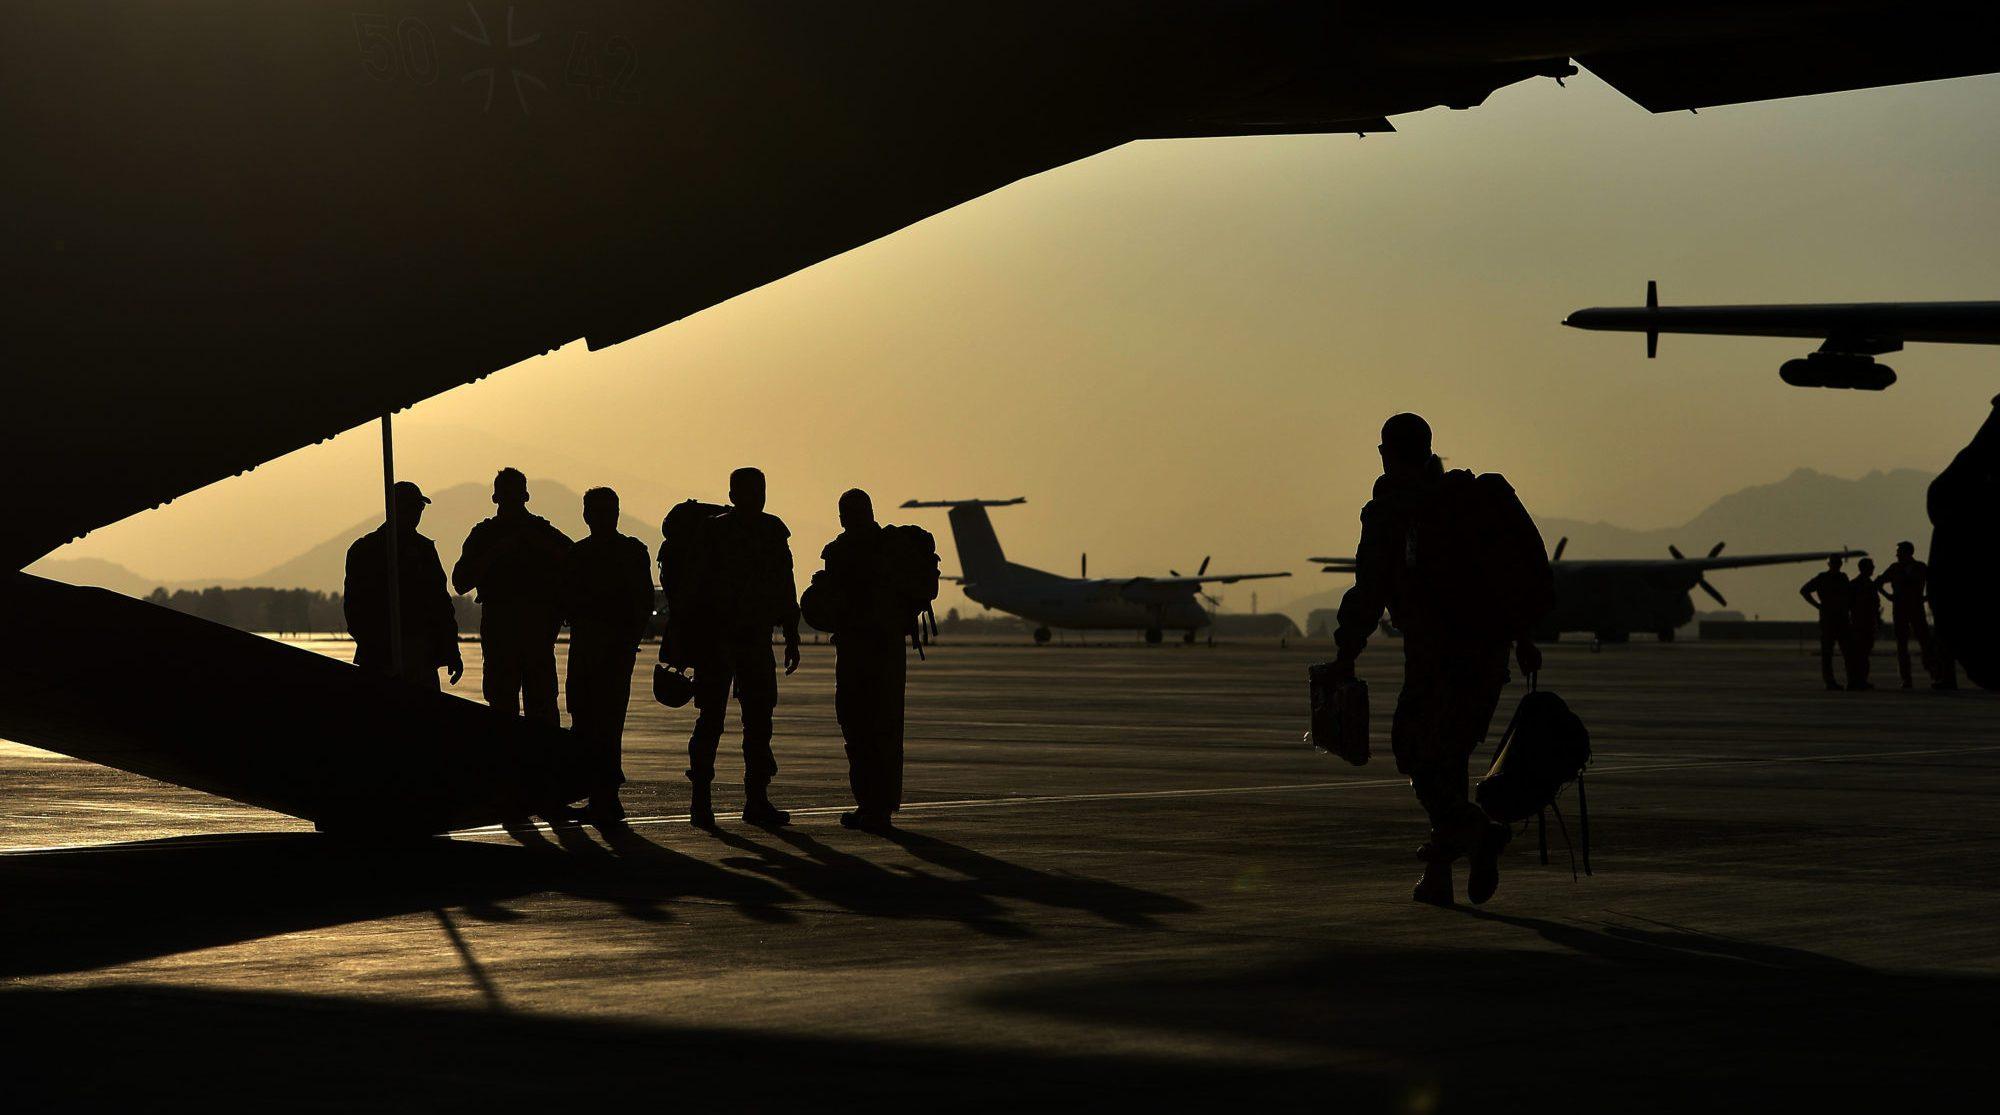 солдаты Бундесвера в аэропорту Кабула